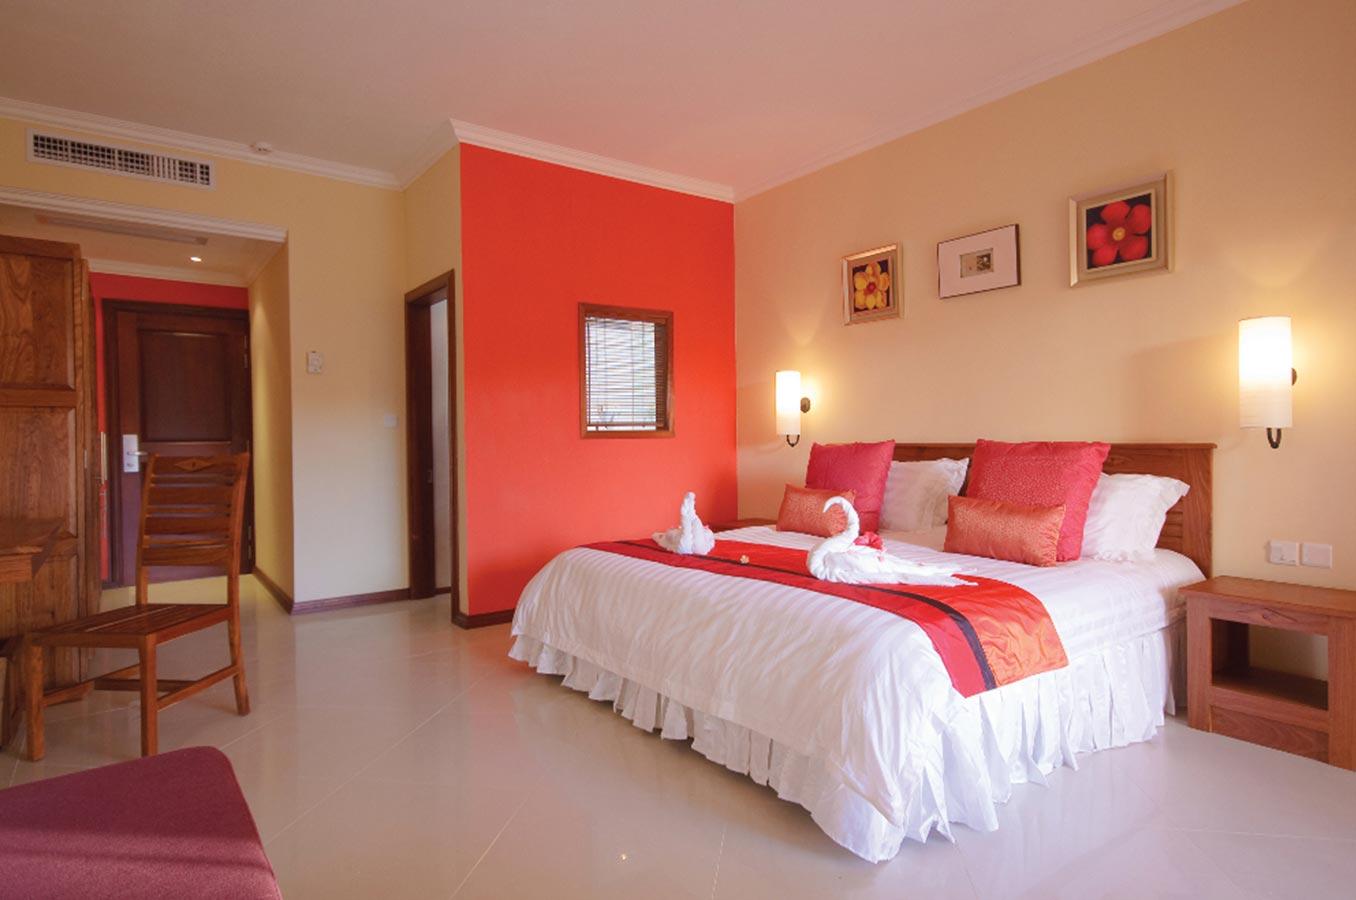 palmier-tour-agence-de-voyages-hotel-room-2